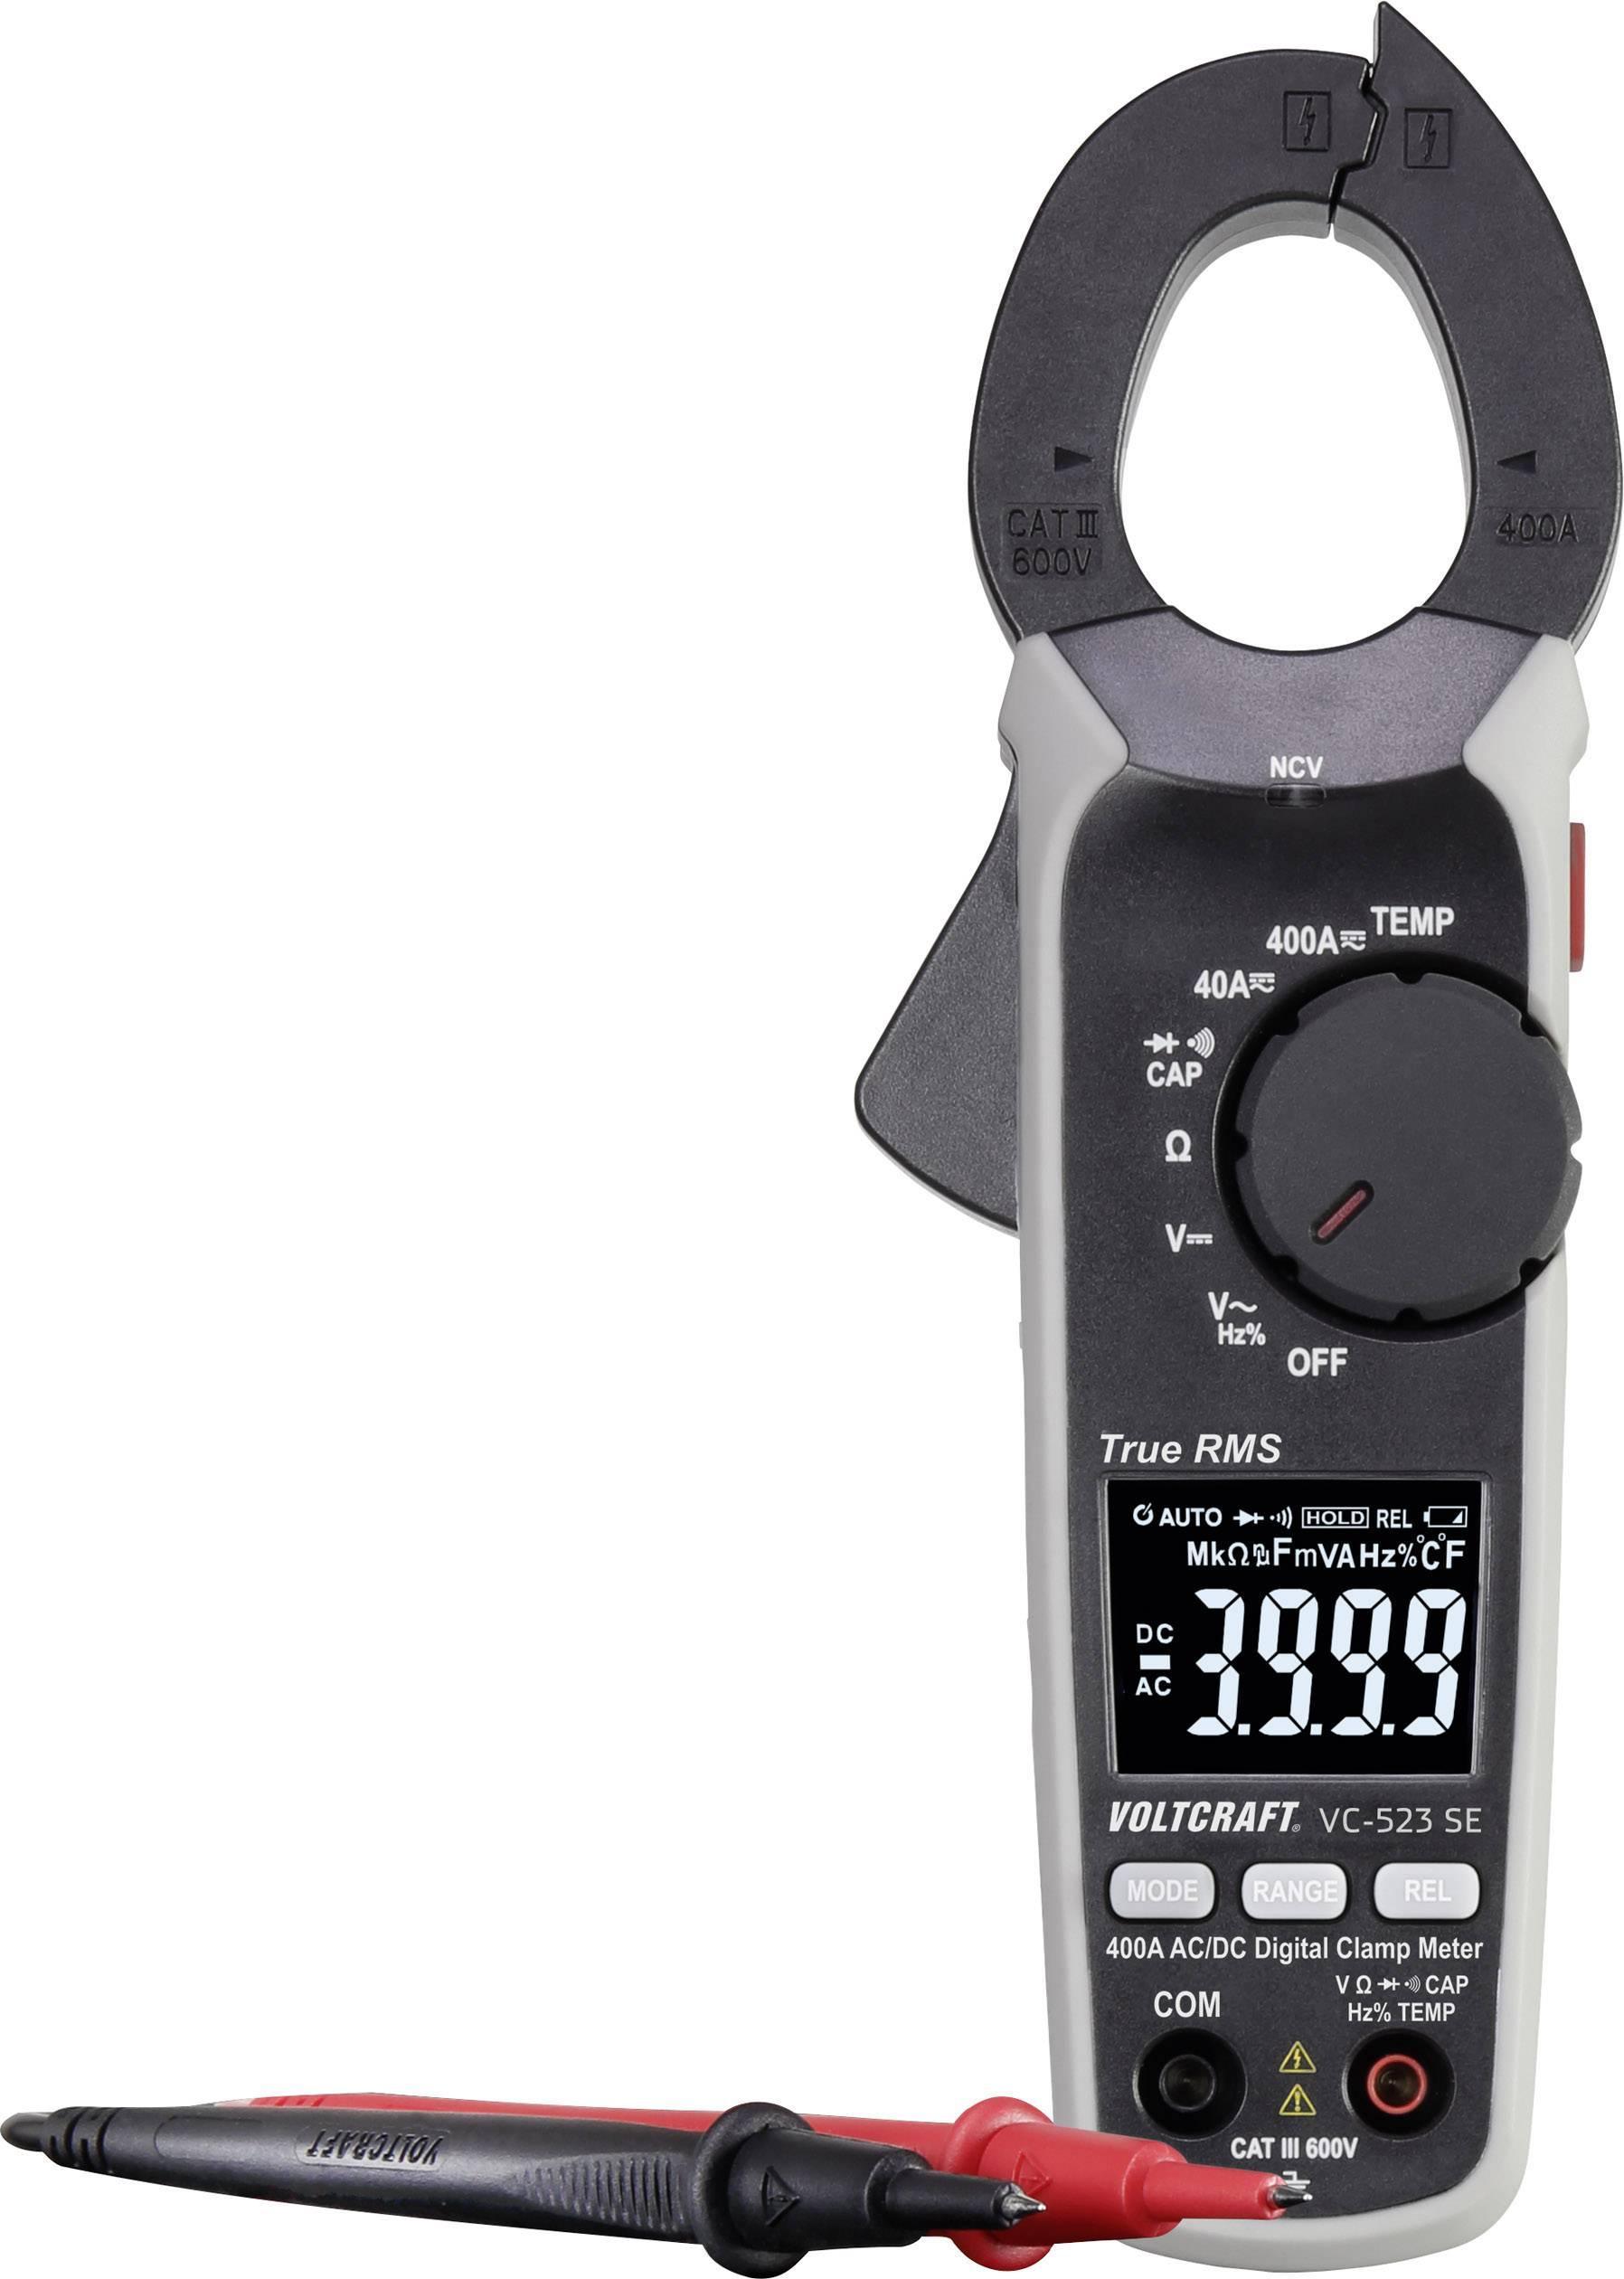 Pince ampèremètre numérique VoltCraft VC-523 SE (24.99€ avec le code WELCOME19)